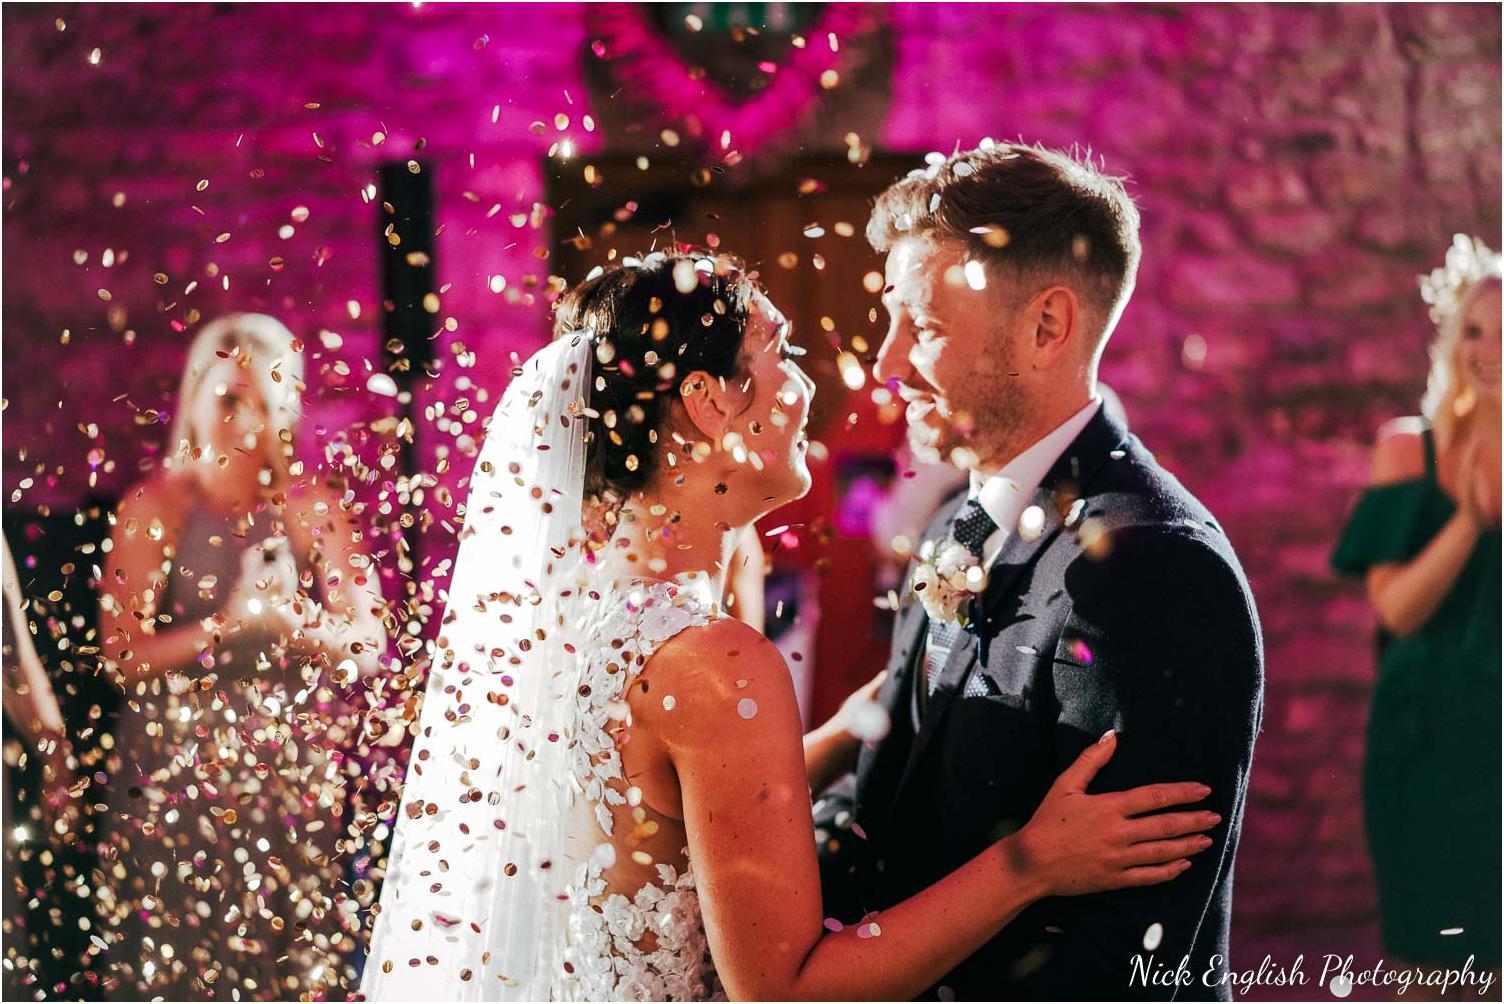 Browsholme_Hall_Barn_Wedding_Nick_English_Photography-196.jpg